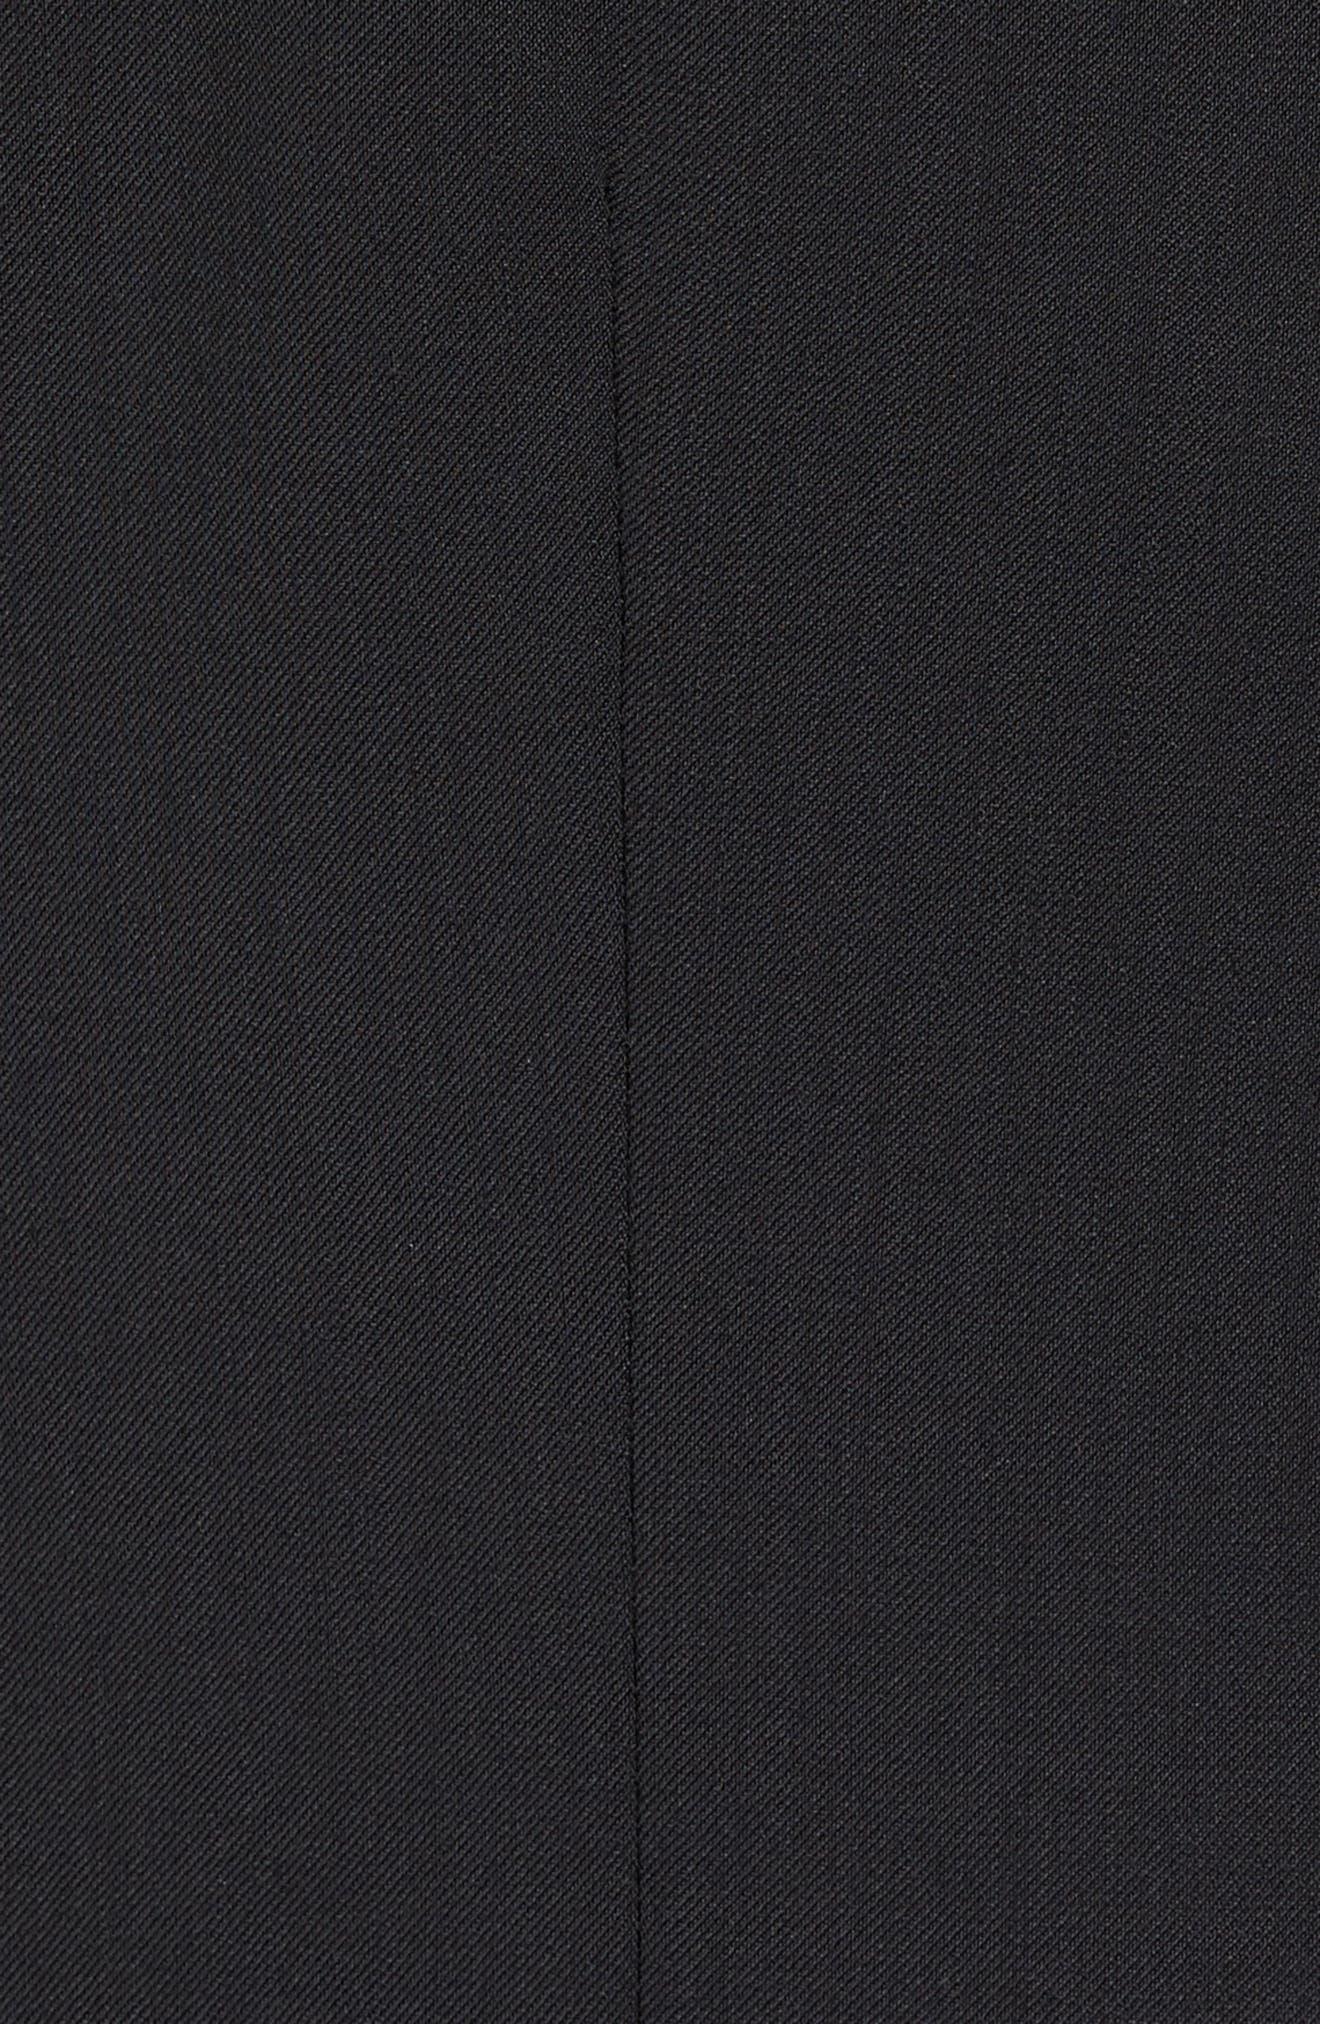 Jones Trim Fit Wool Vest,                             Alternate thumbnail 5, color,                             001